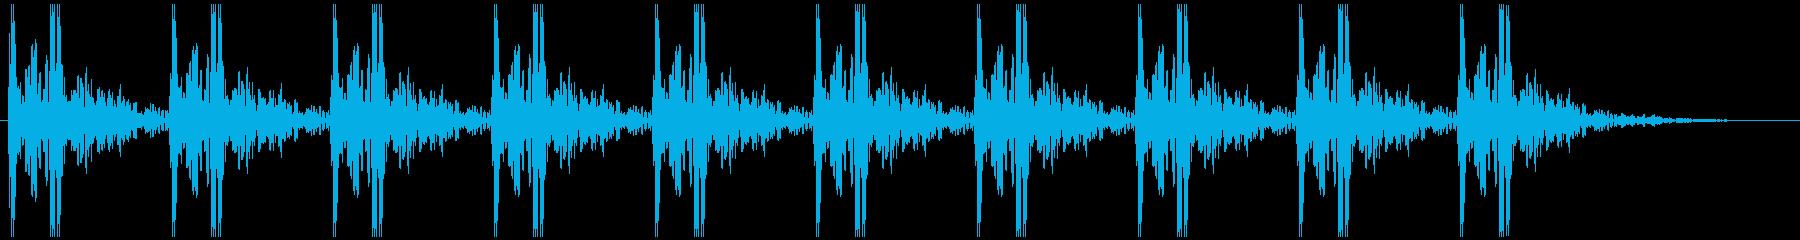 早い心臓の鼓動 ドクンドクンの再生済みの波形